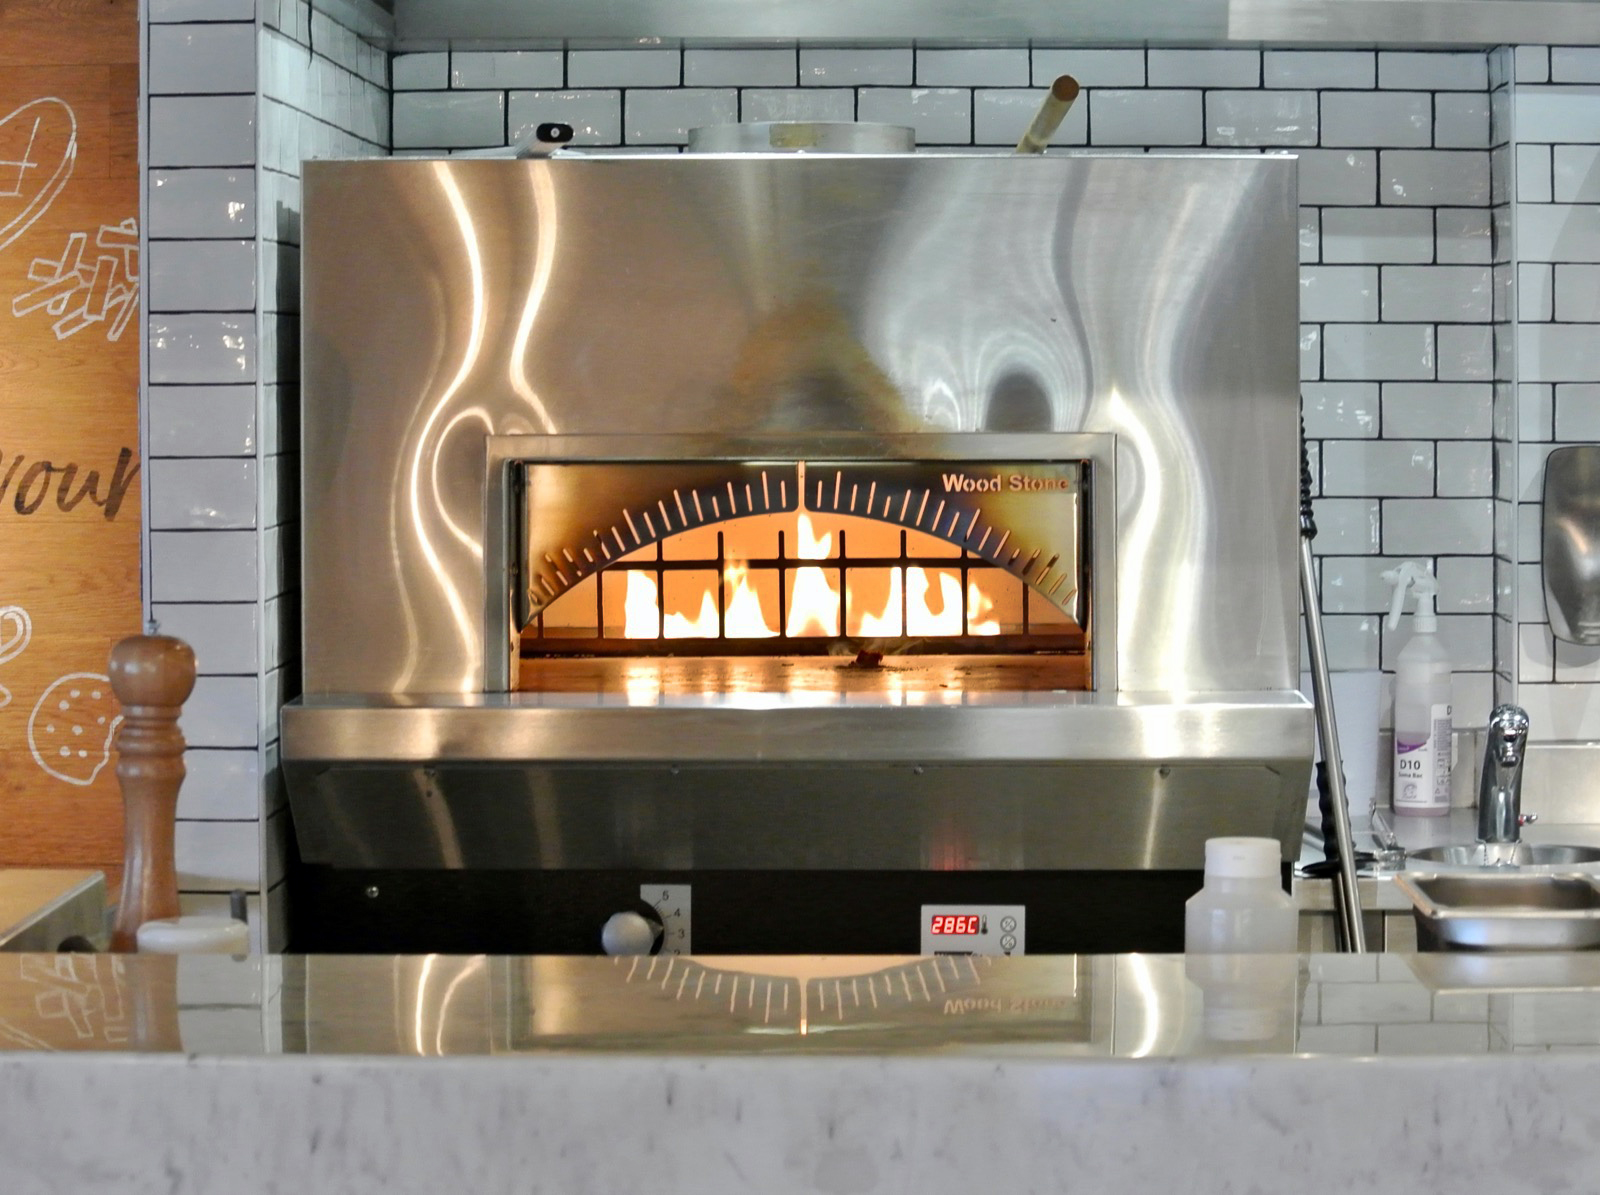 Oldbury Cookhouse and Pub Wood Burning Pizza Oven